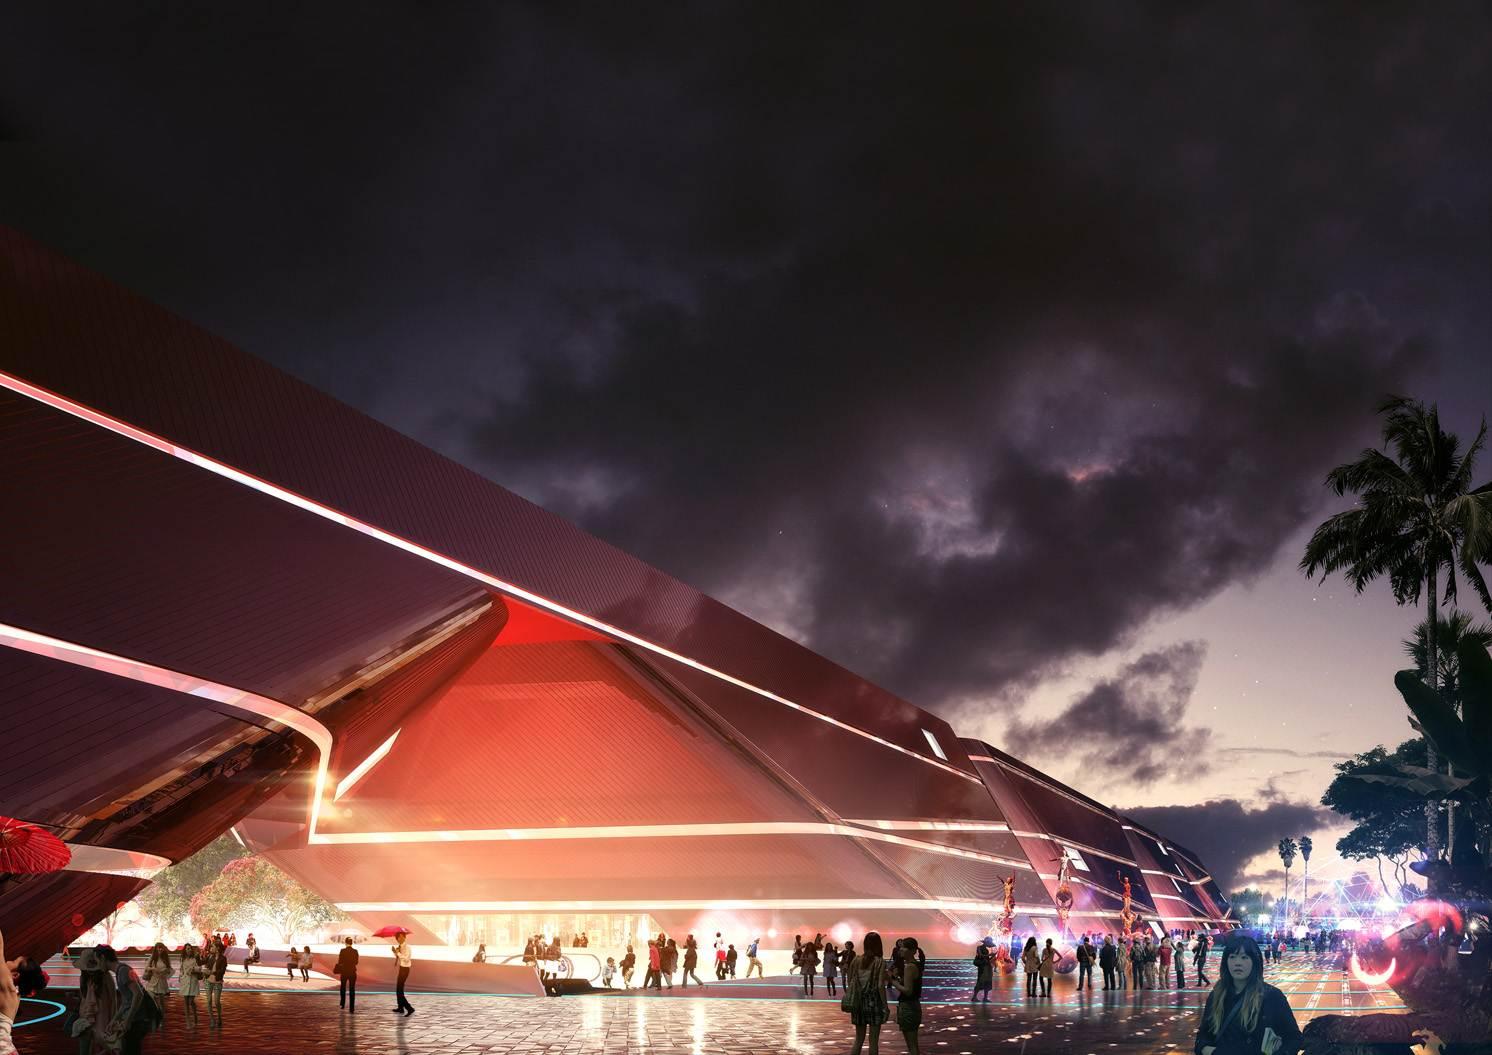 La structure du Centre Culturel de Shenzen bientôt achevée